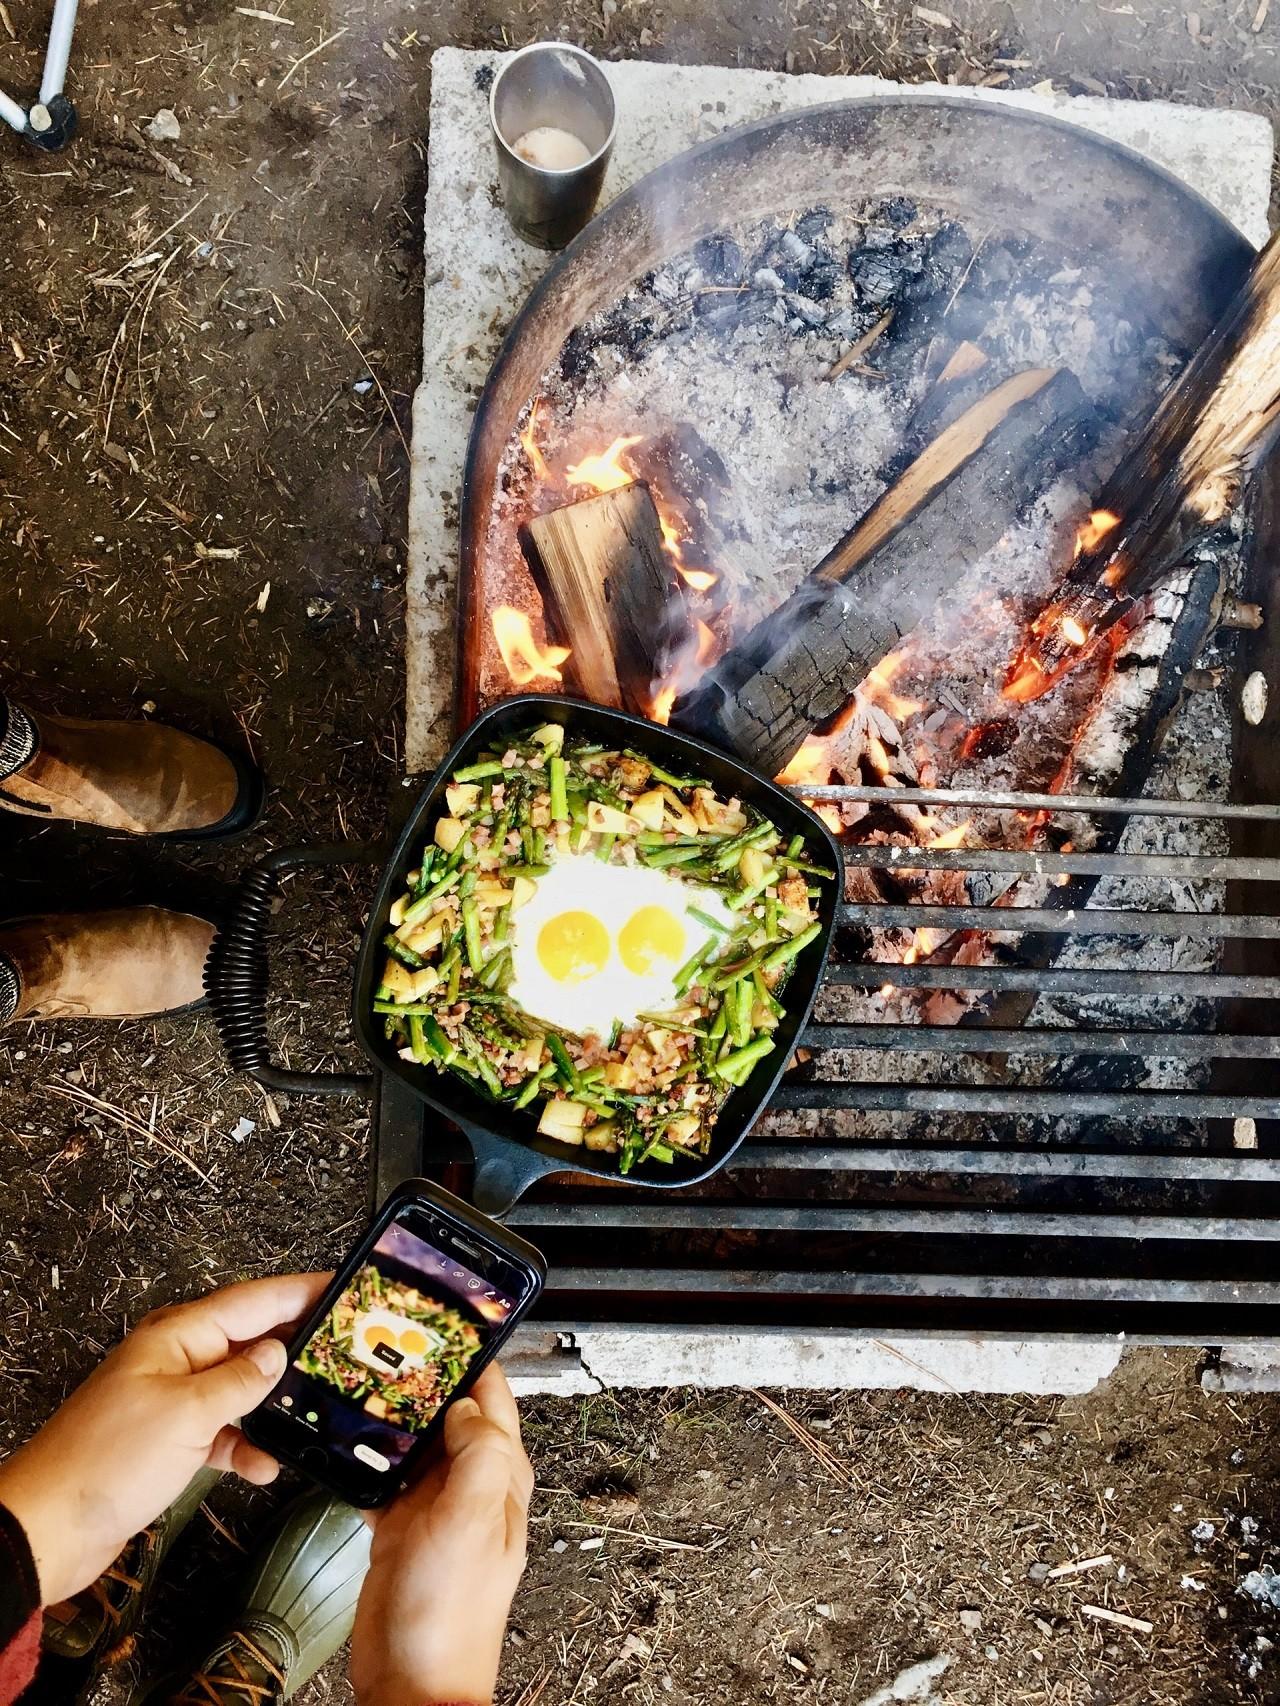 Eine gute Grillplatte Gusseisen kannst Du auch über offenem Feuer benutzen.